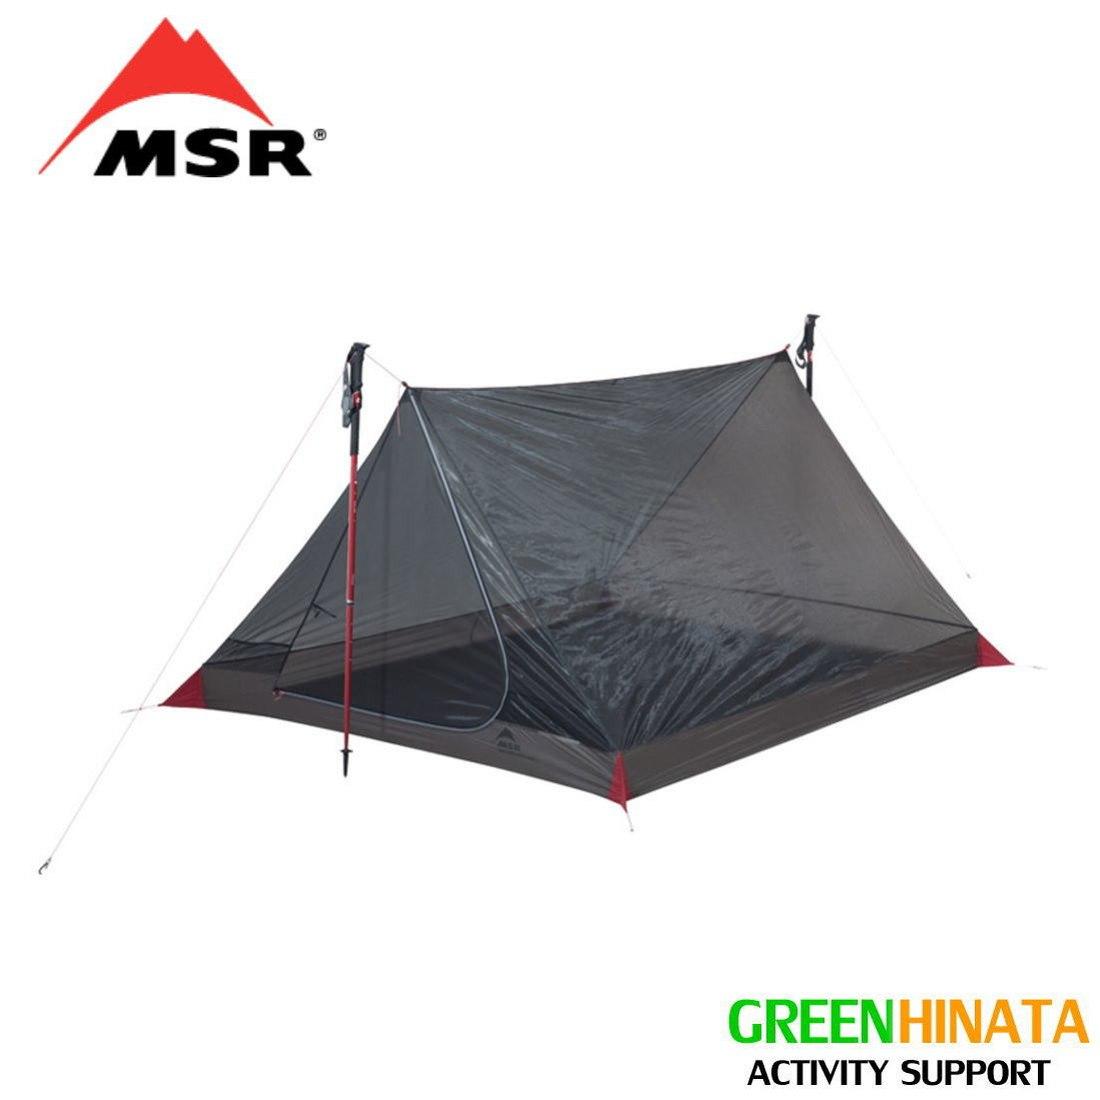 【国内正規品】 エムエスアール スルーハイカーメッシュハウス3 3人用テント MSR Thru-Hiker Mesh House 3 Trekking Pole Shelter 37020